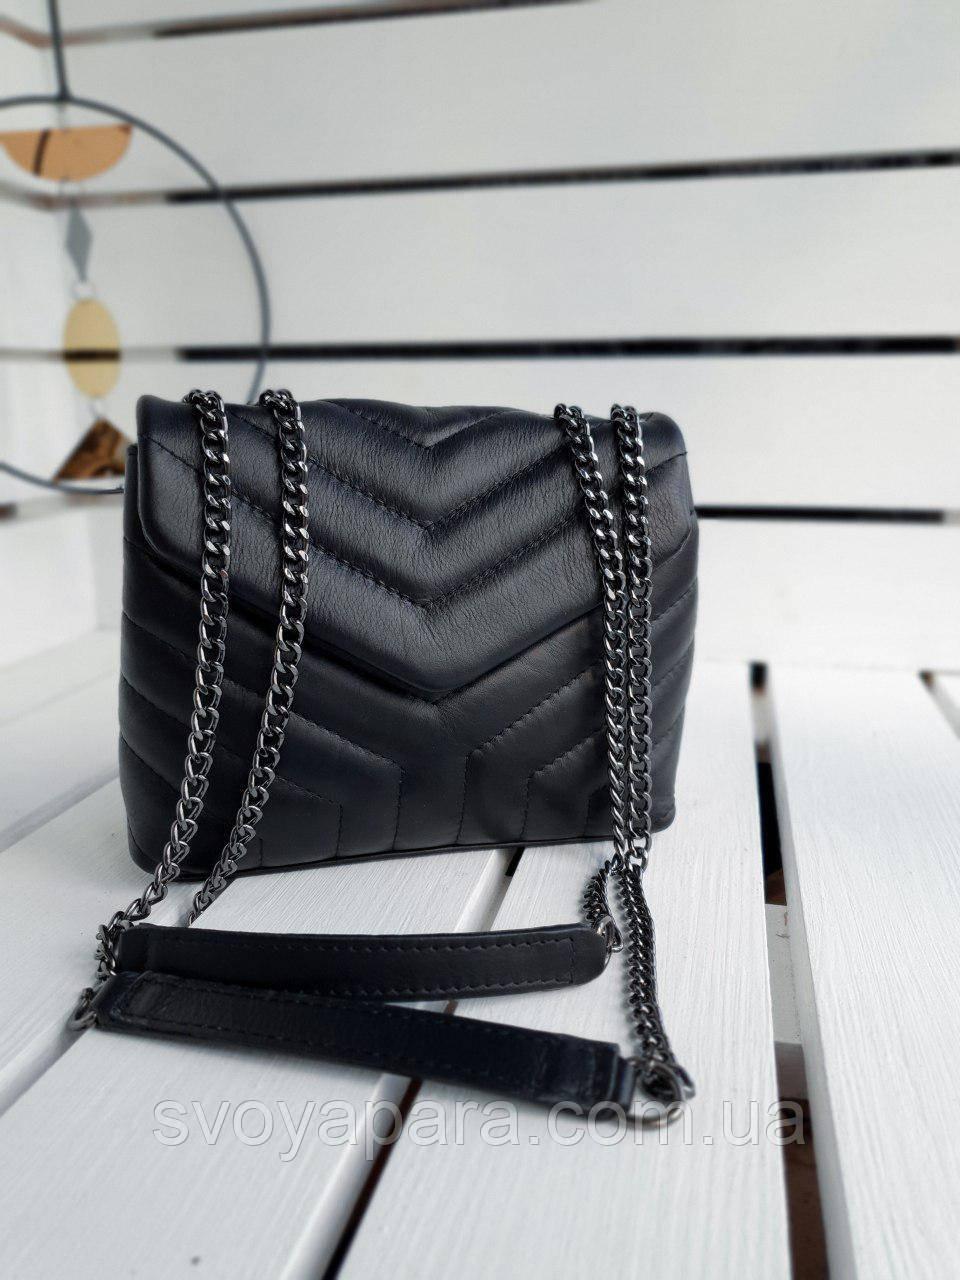 Кожаная женская сумка размером 22х17х8 см Черная (01278)